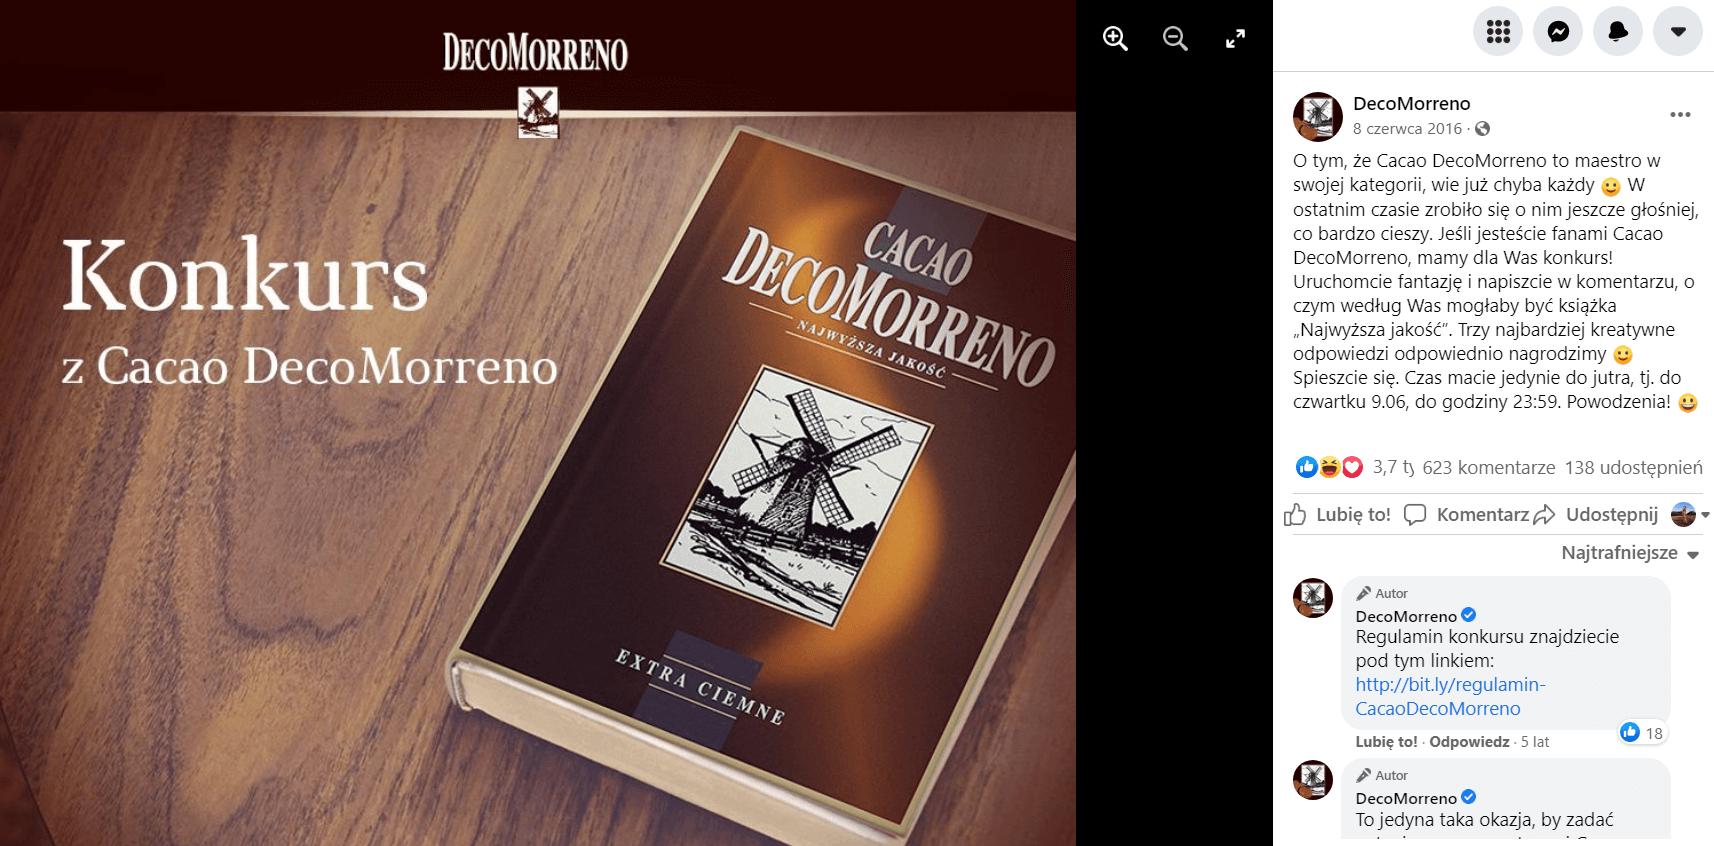 kakao DecoMorreno konkurs